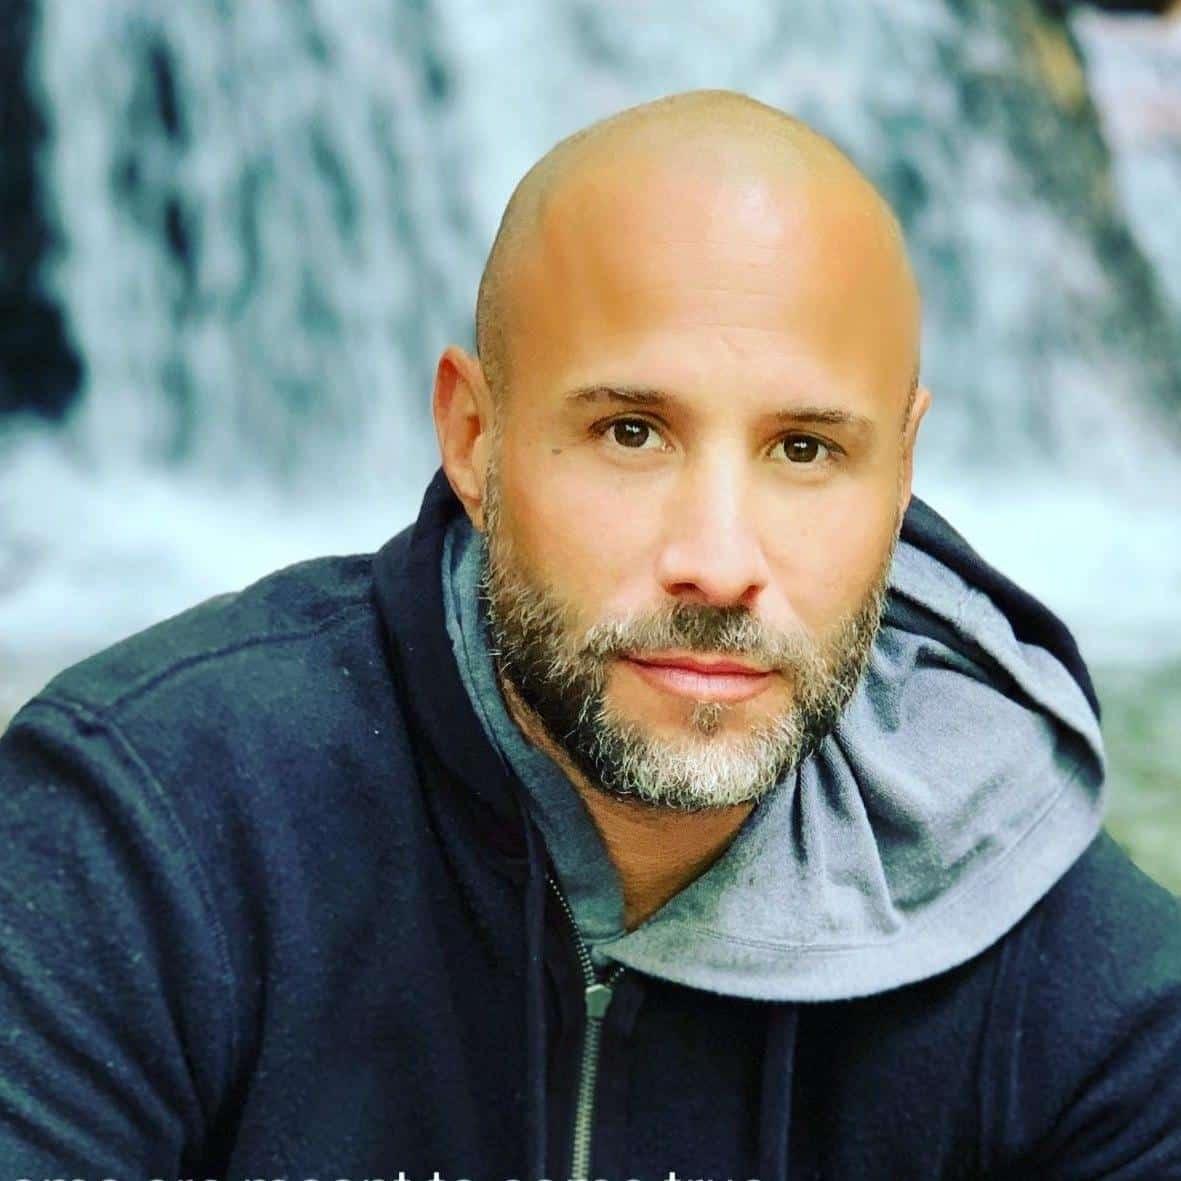 Mike Rosenfeld